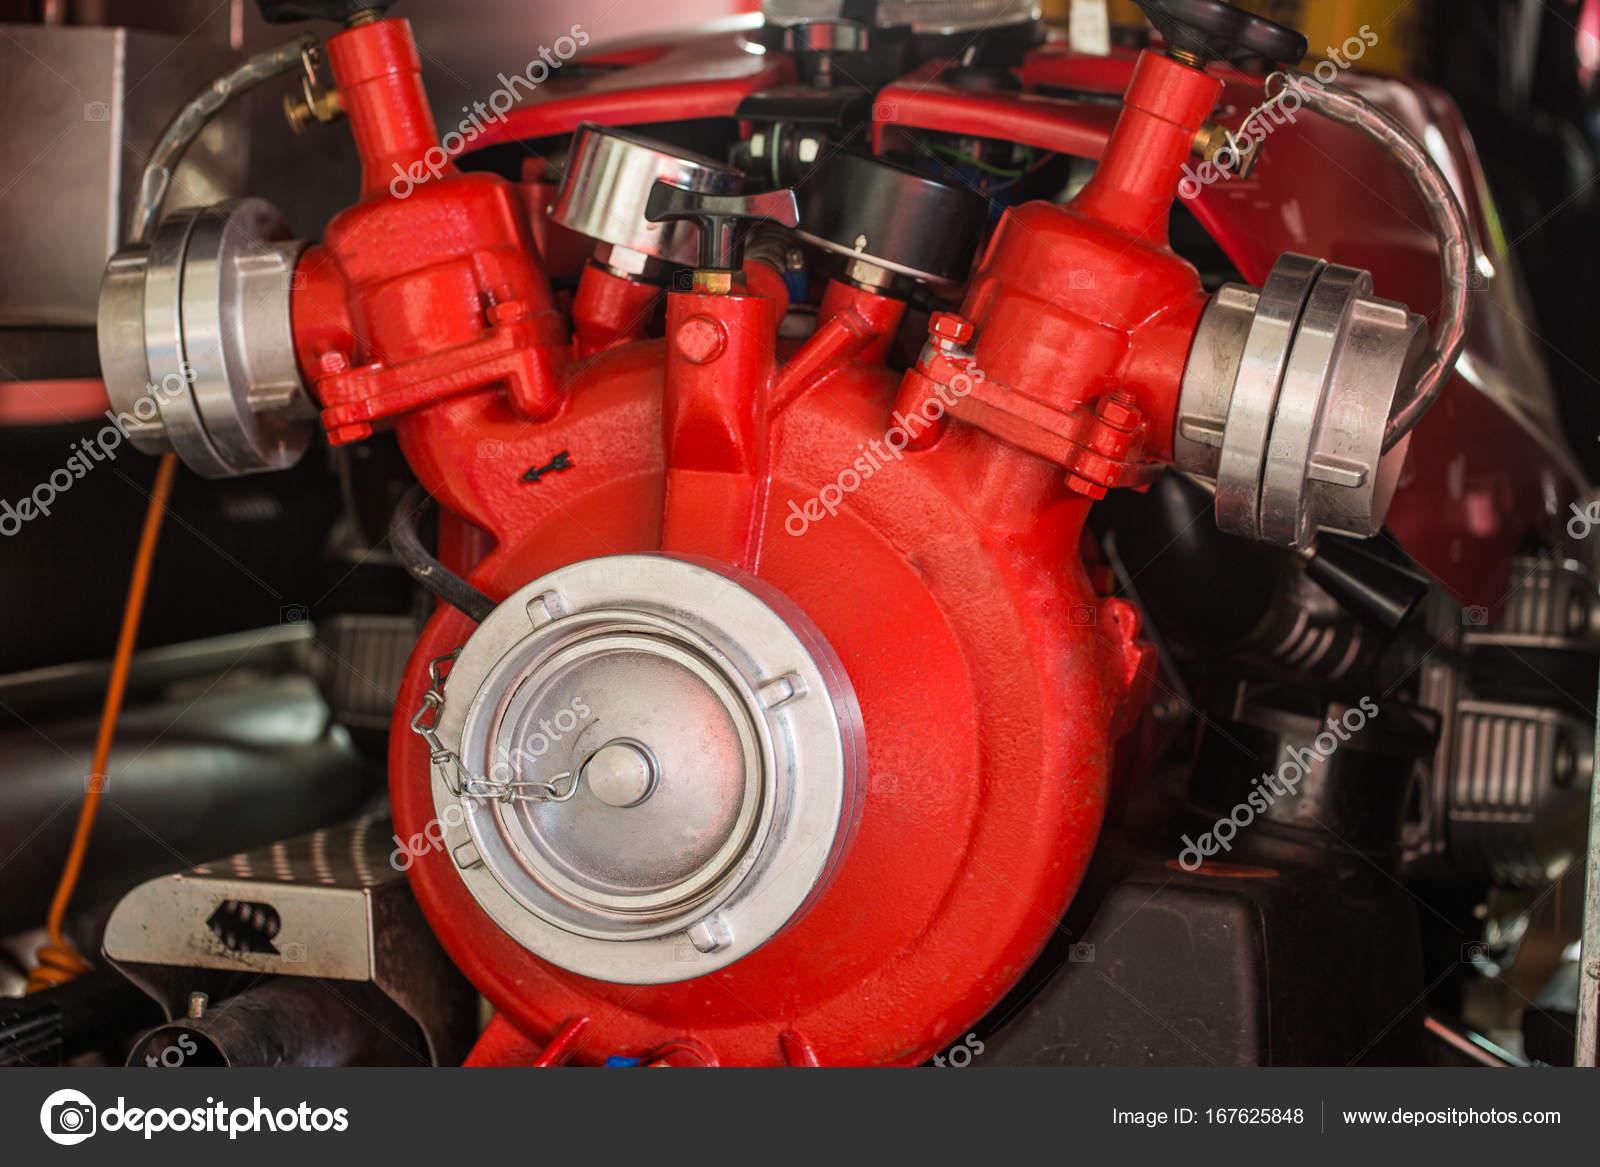 lintrieur dun camion de pompiers accessoire pompier image de colour